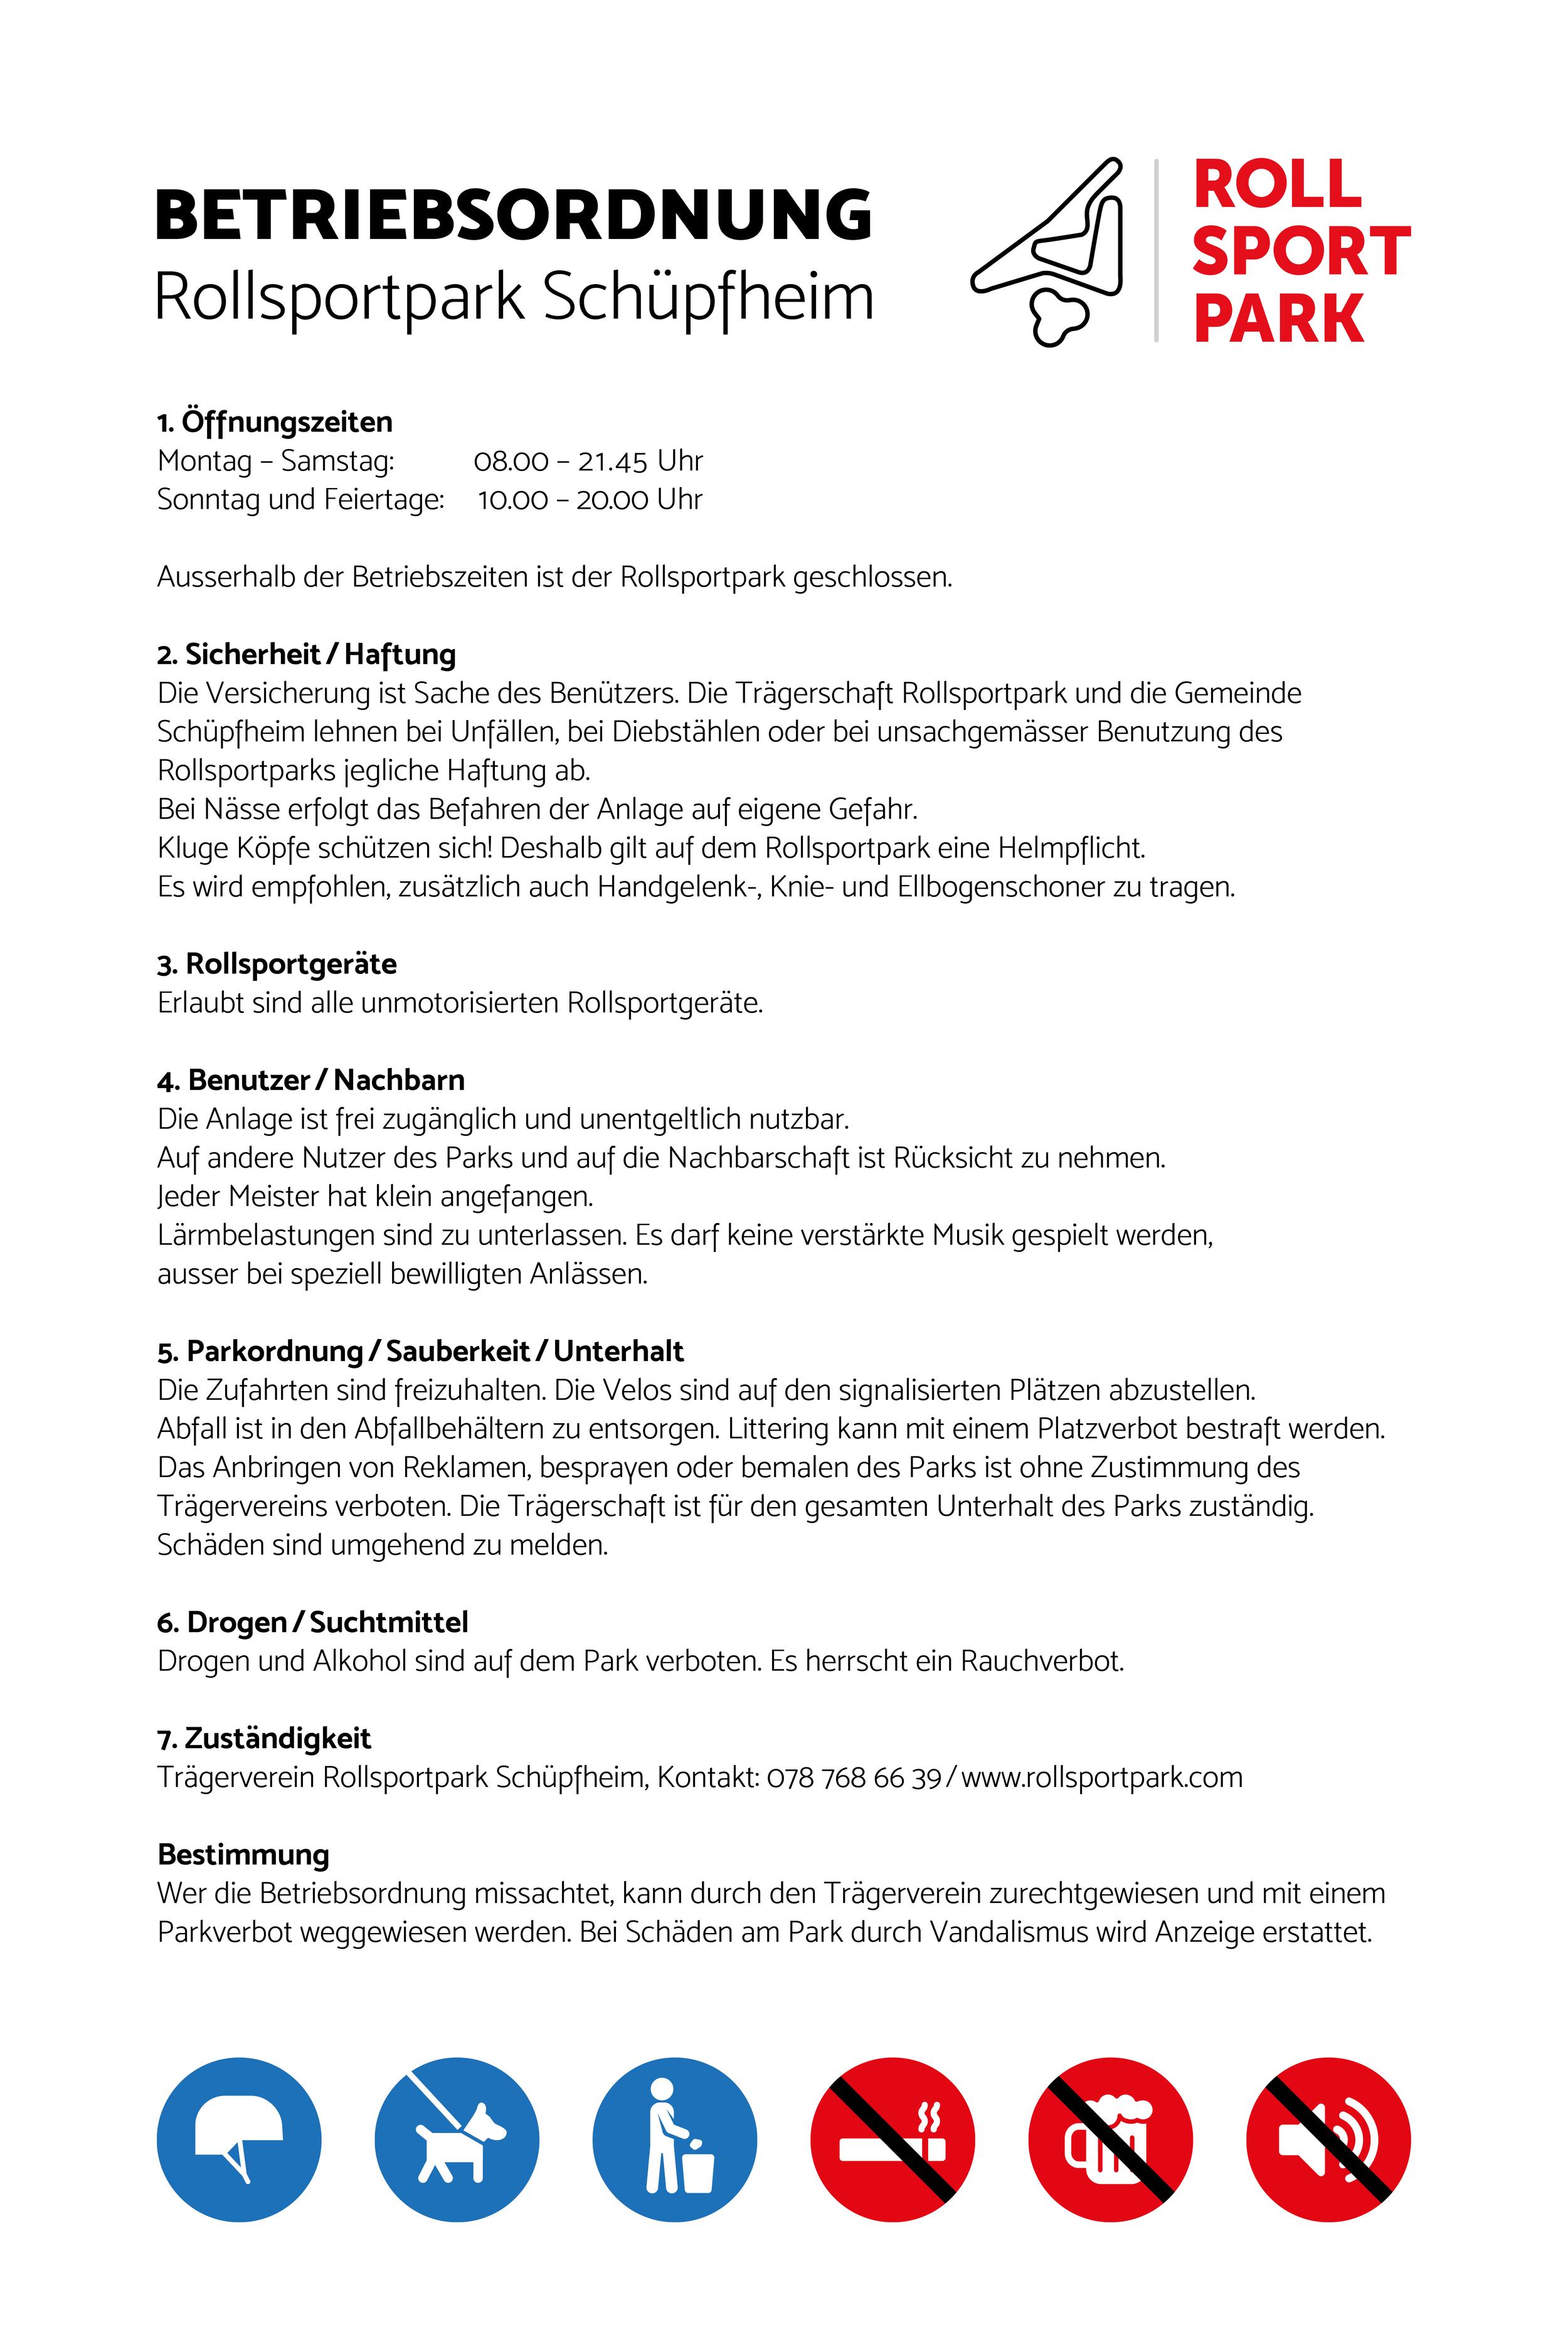 Betriebsreglement_Rollsportpark.png